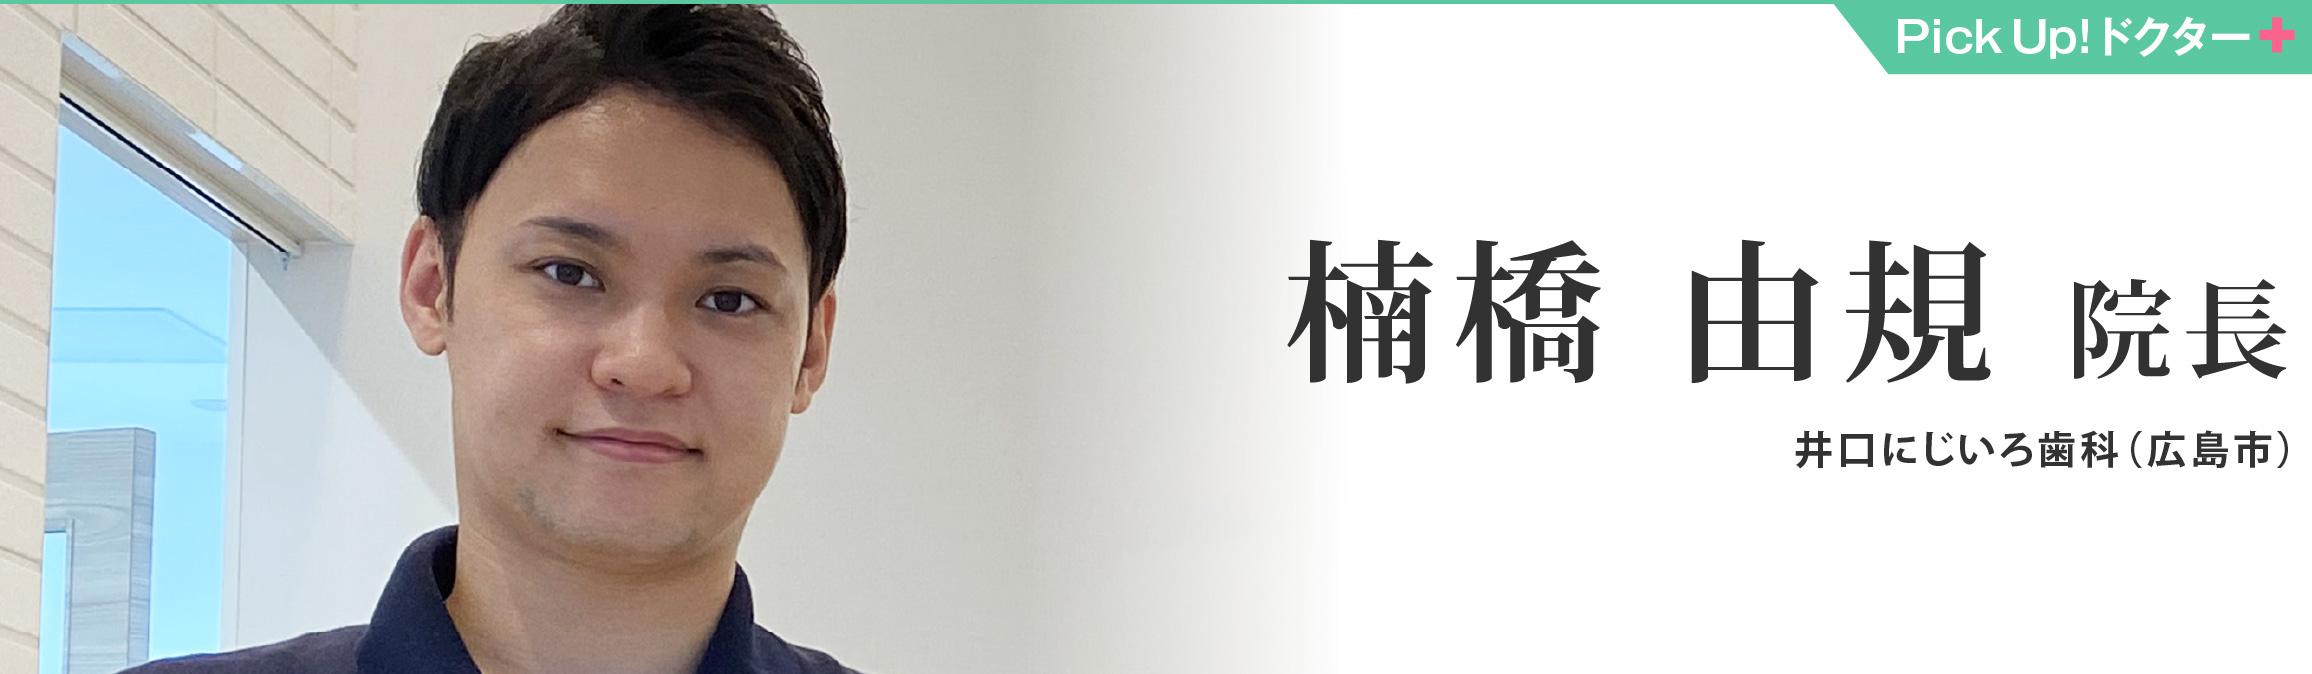 楠橋 由規 院長 井口にじいろ歯科(広島市)